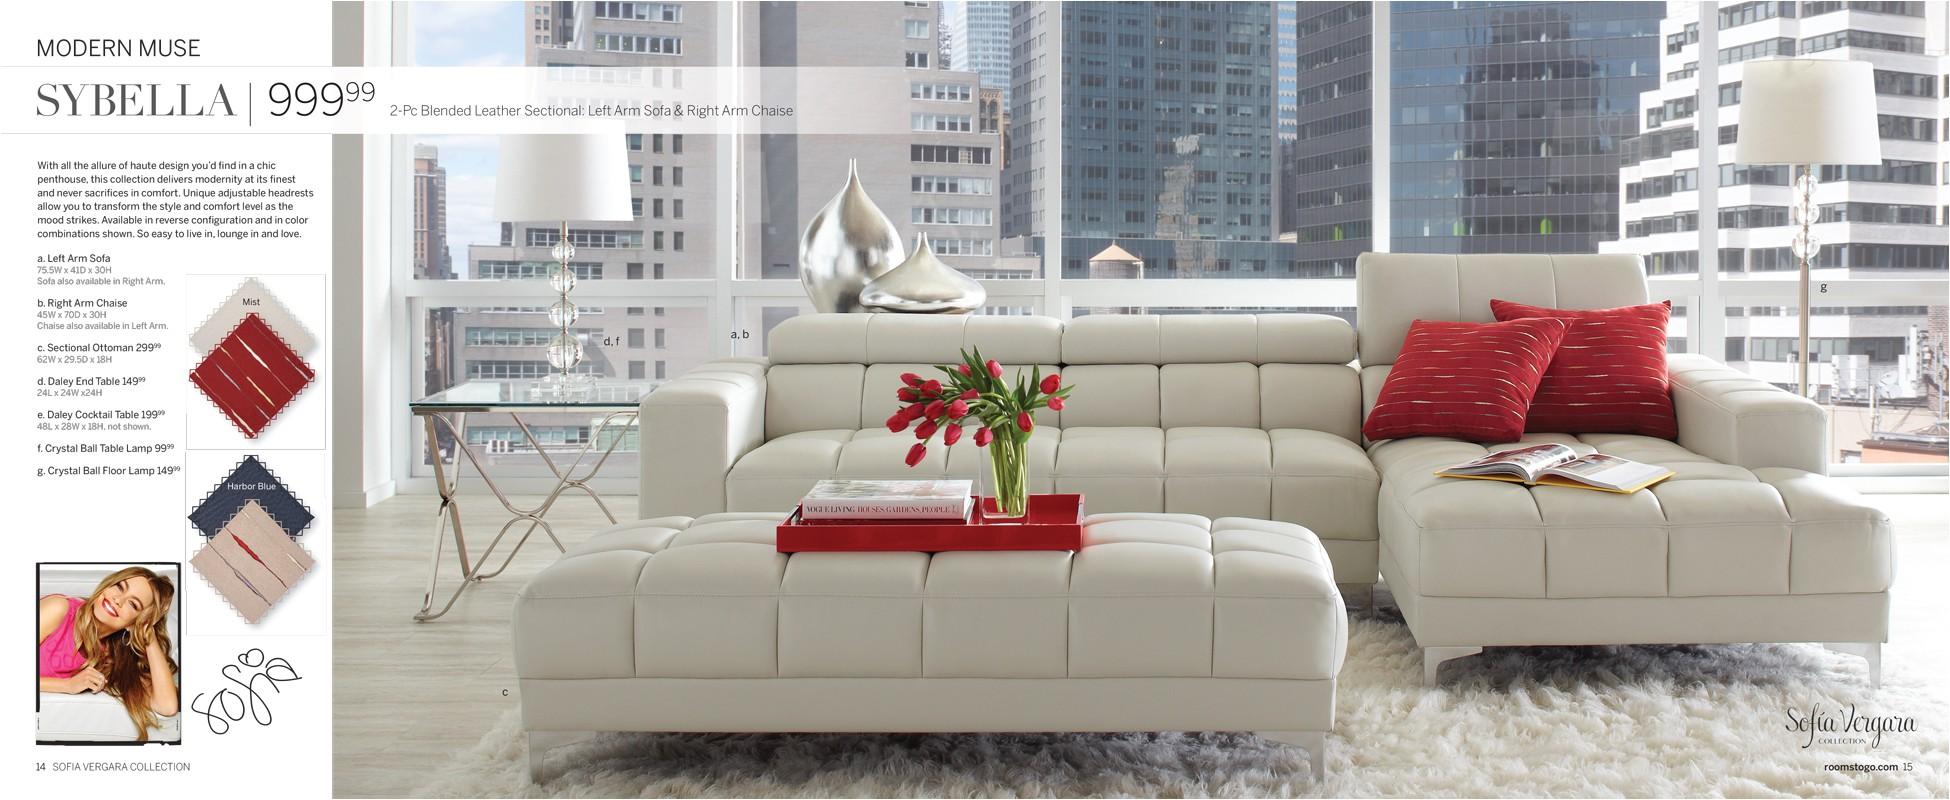 Sofia Vergara sofa Collection Reviews sofia Vergaraofa Collection Awe Inspiring On Modern Home Decor Ideas